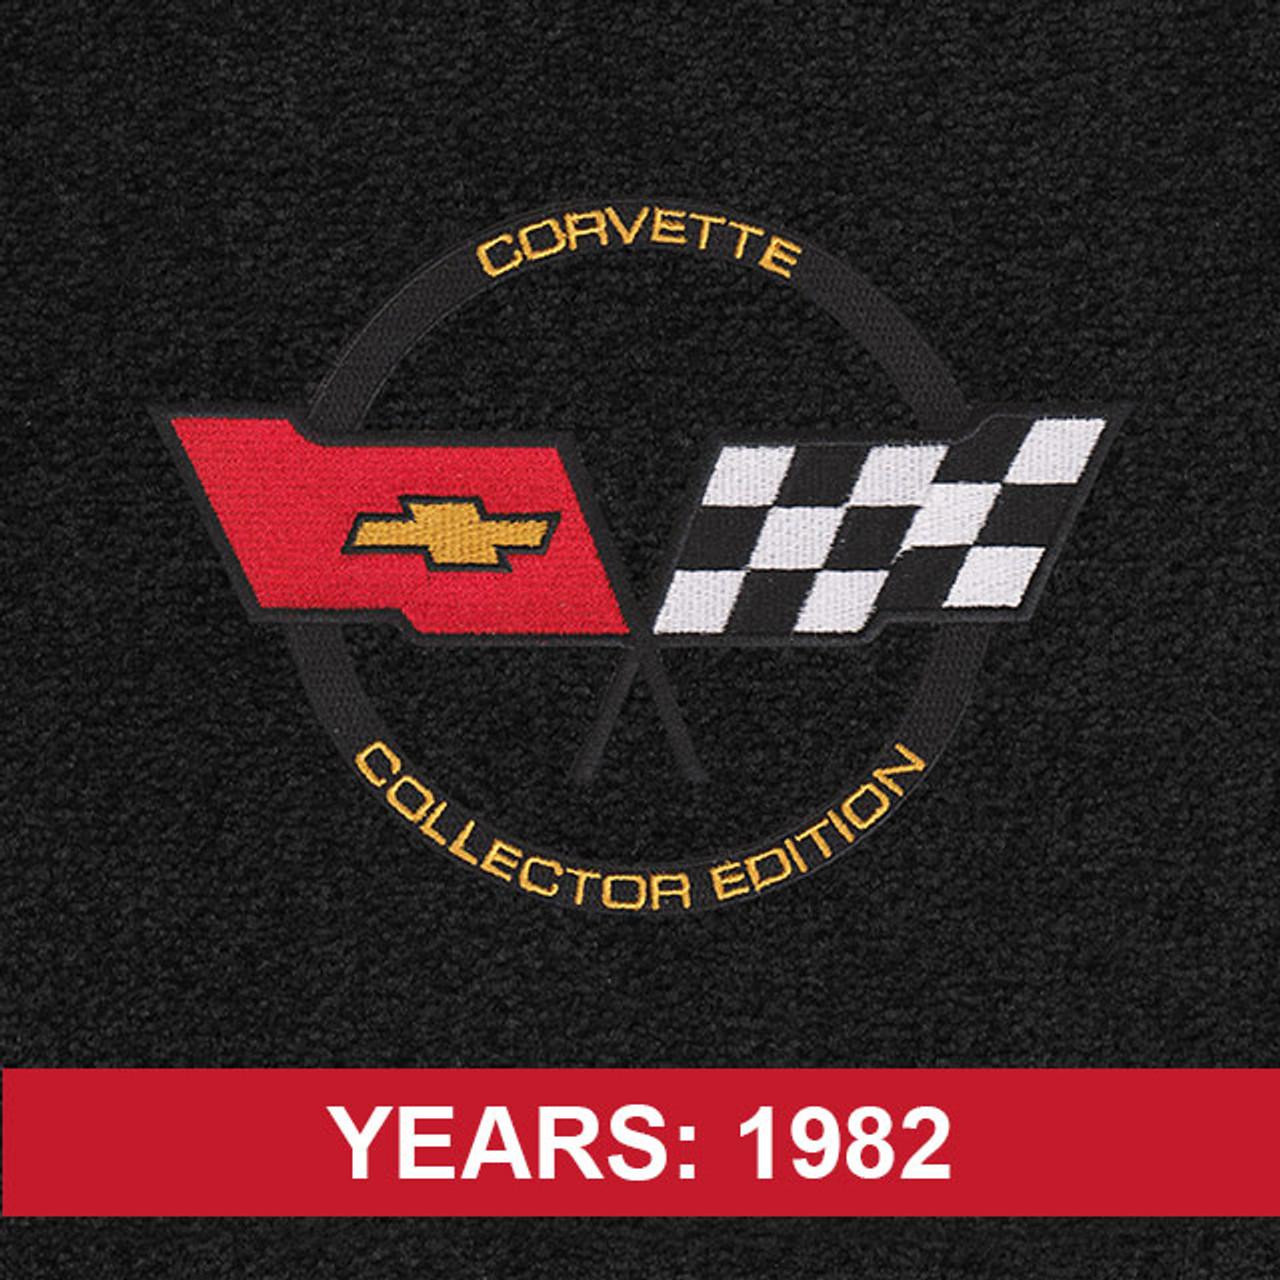 1982 Collectors Edition Logo